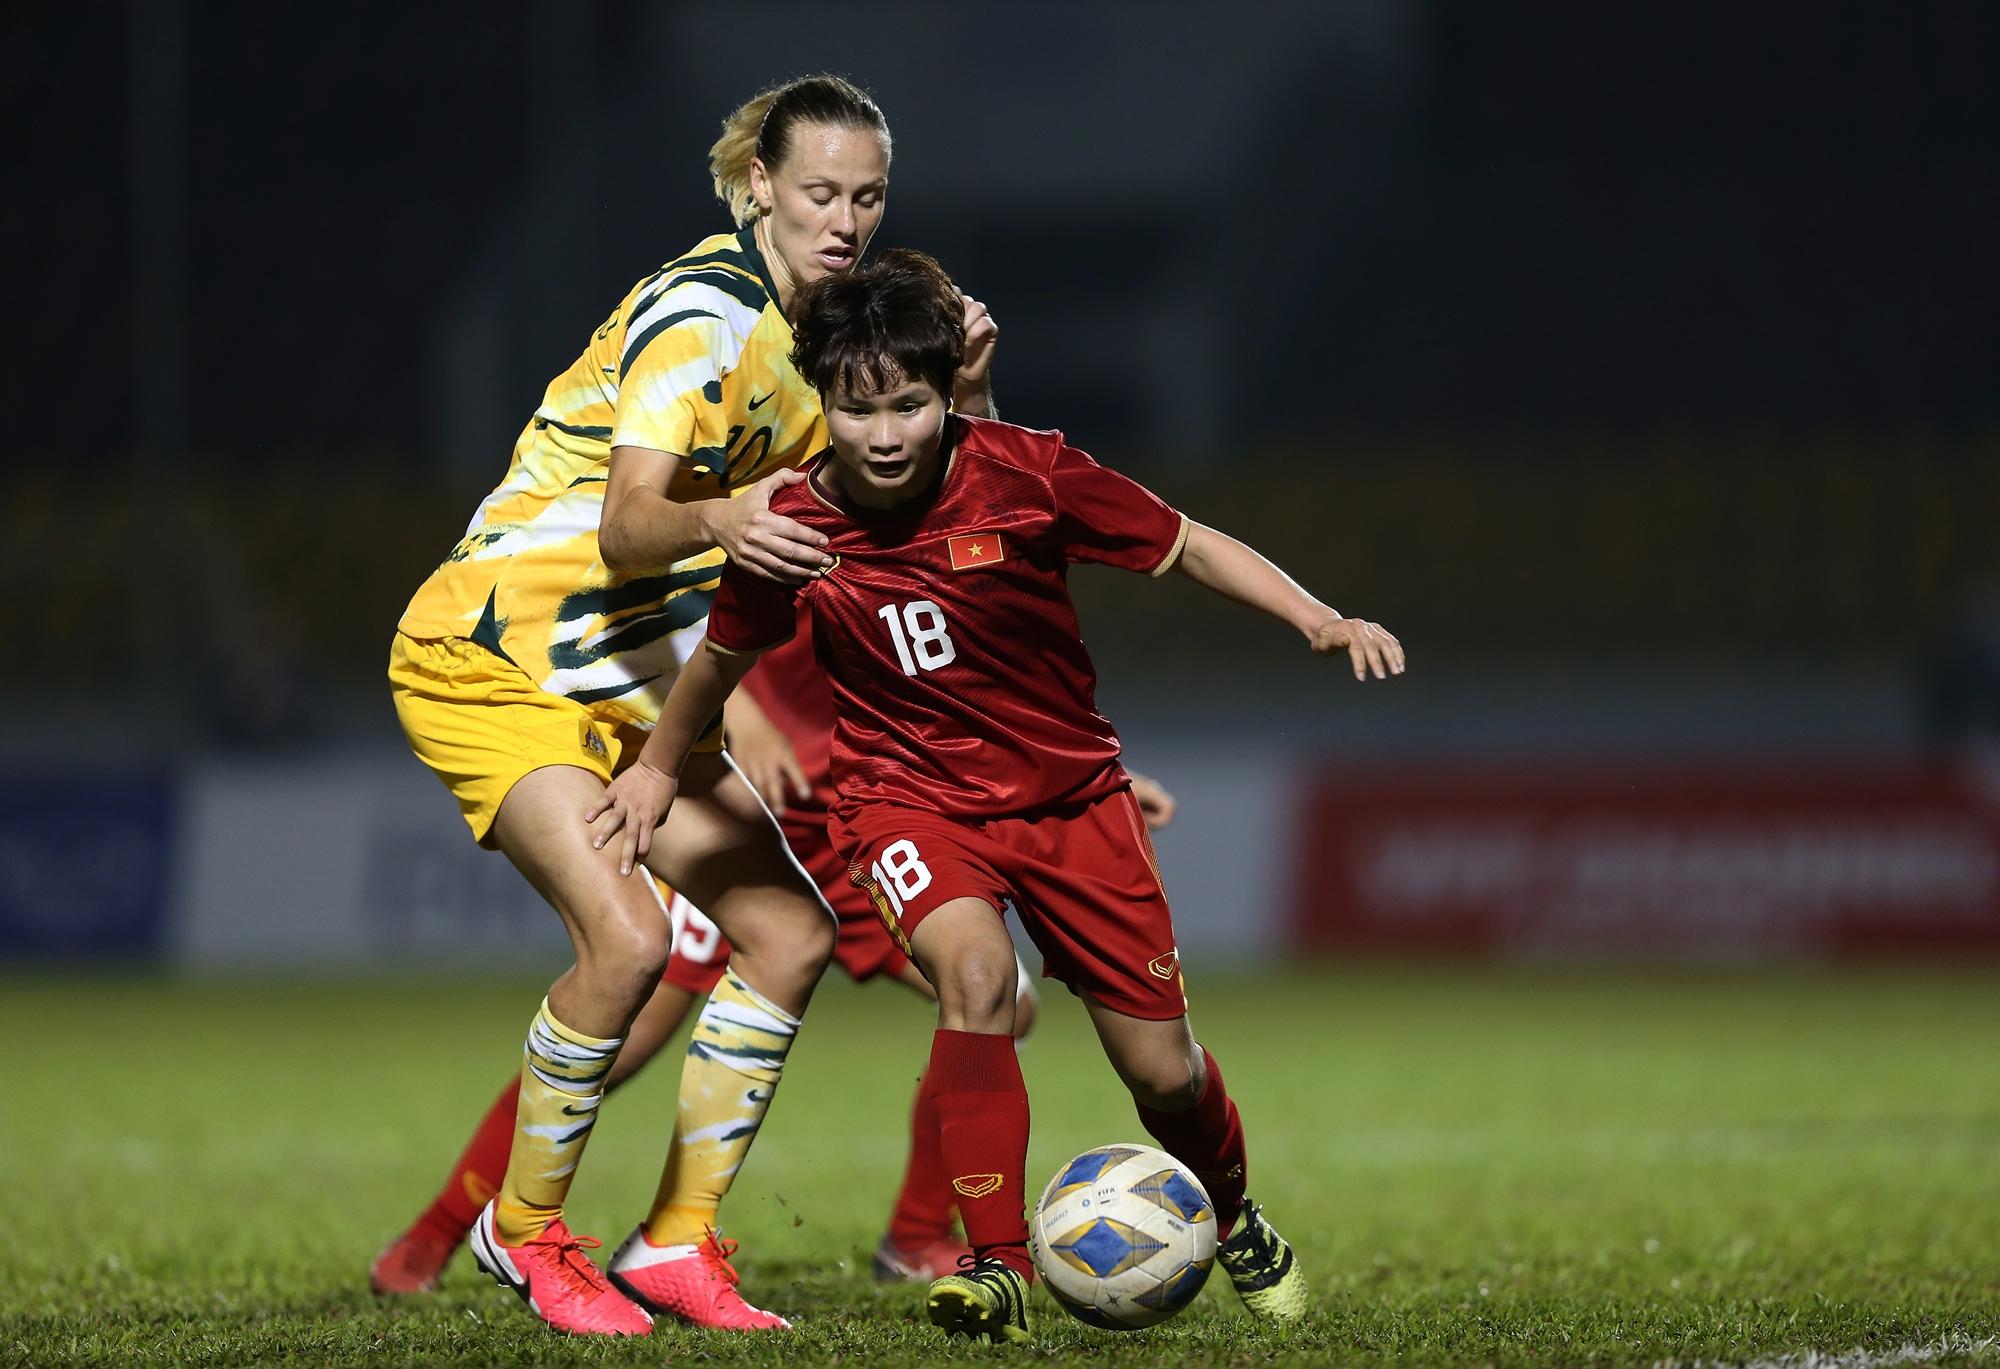 Huỳnh Như phá lưới Australia, tuyệt vời những cô gái vàng Việt Nam! - Bóng Đá